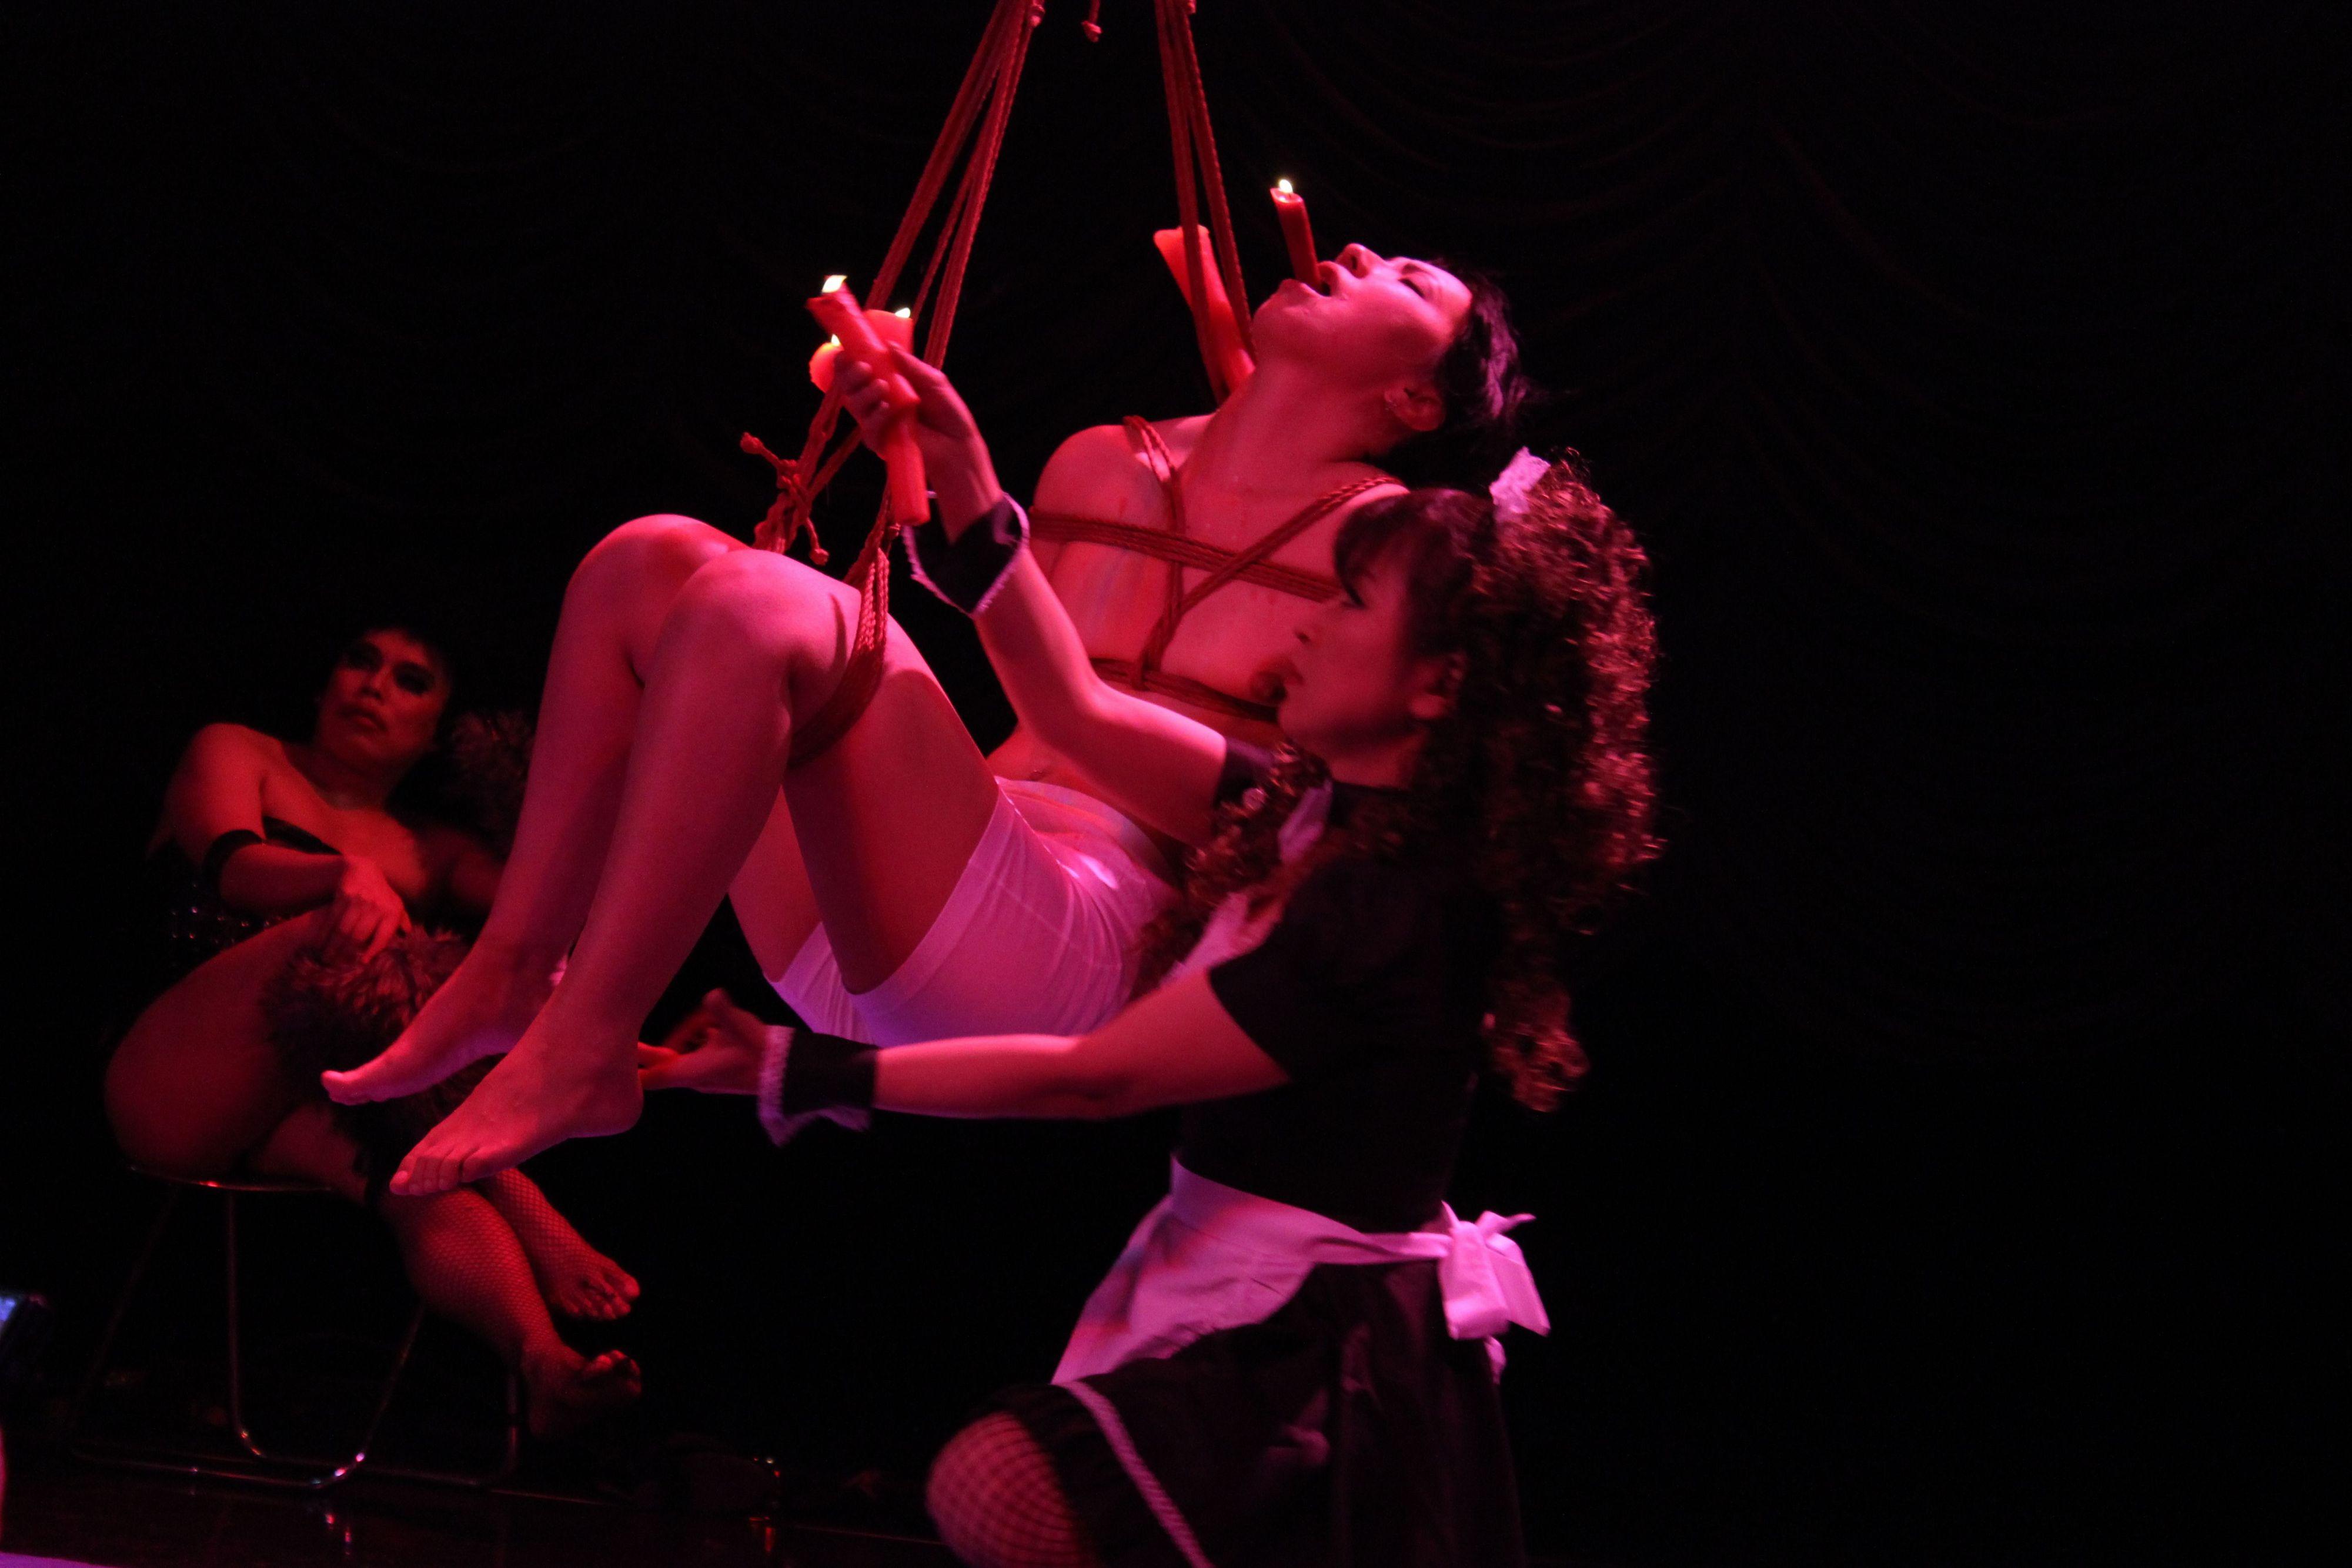 デパートメントH 2099@鶯谷東京キネマ倶楽部 2015年1月~龍崎飛鳥女王様率いる「飛鳥組」と薫女王様によるロッキーホラーショー